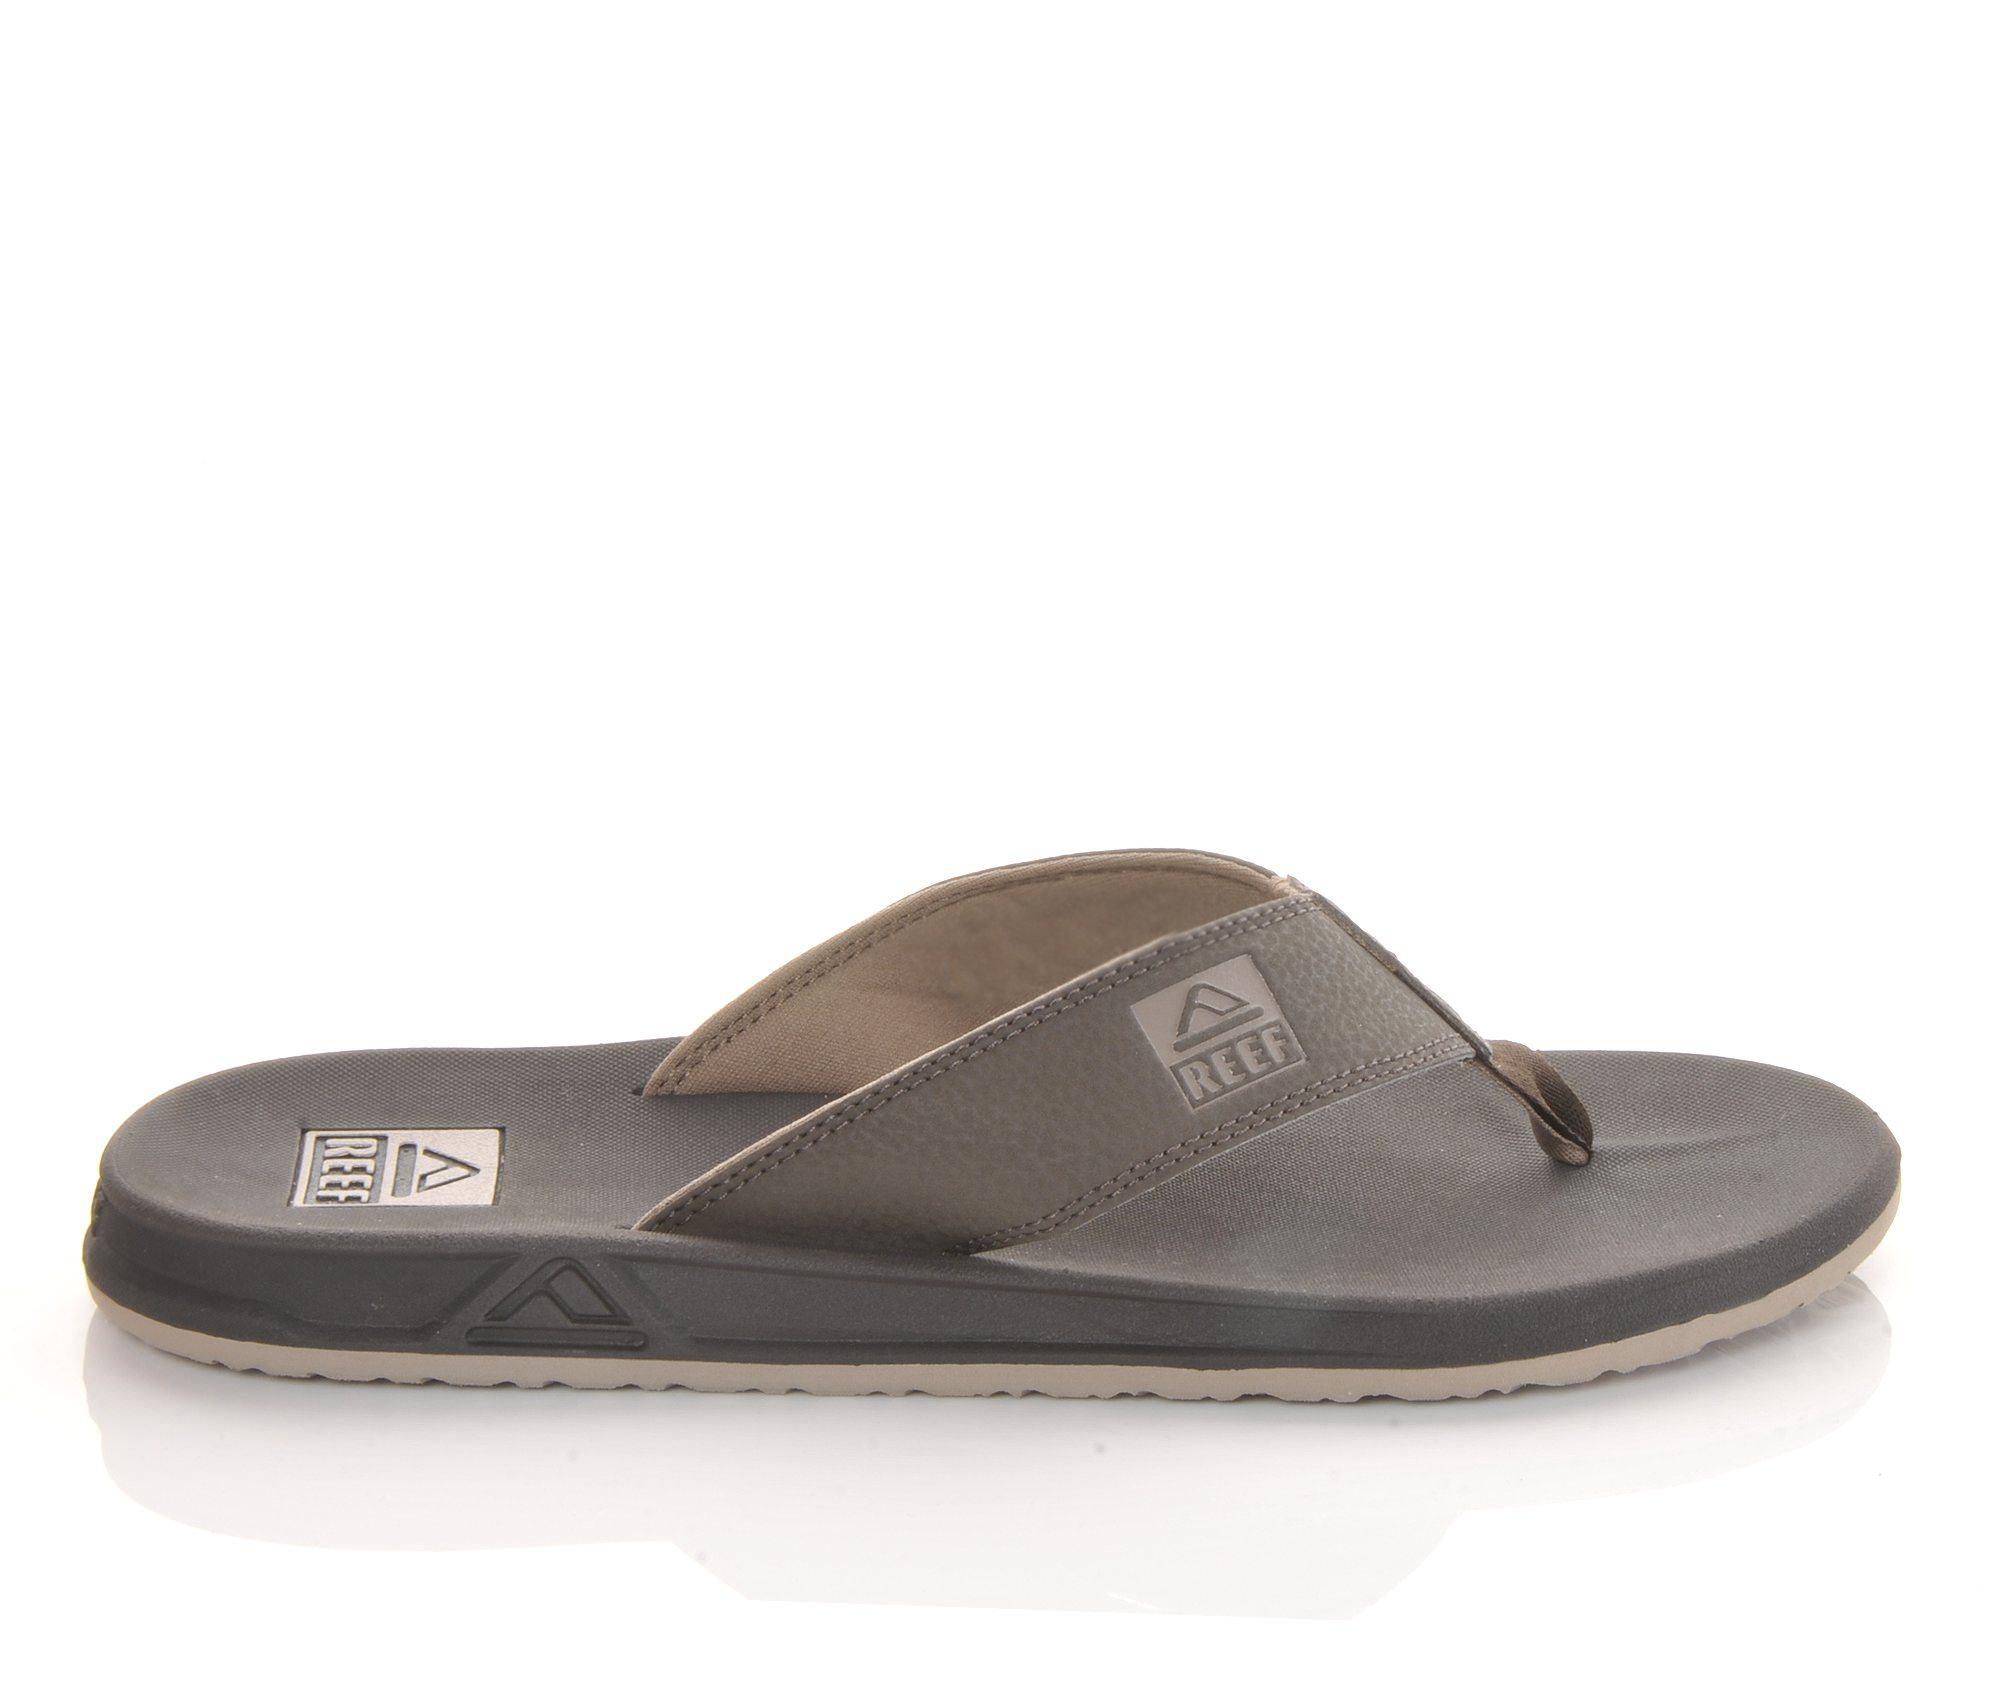 Men's Reef Element Sandals (Brown)